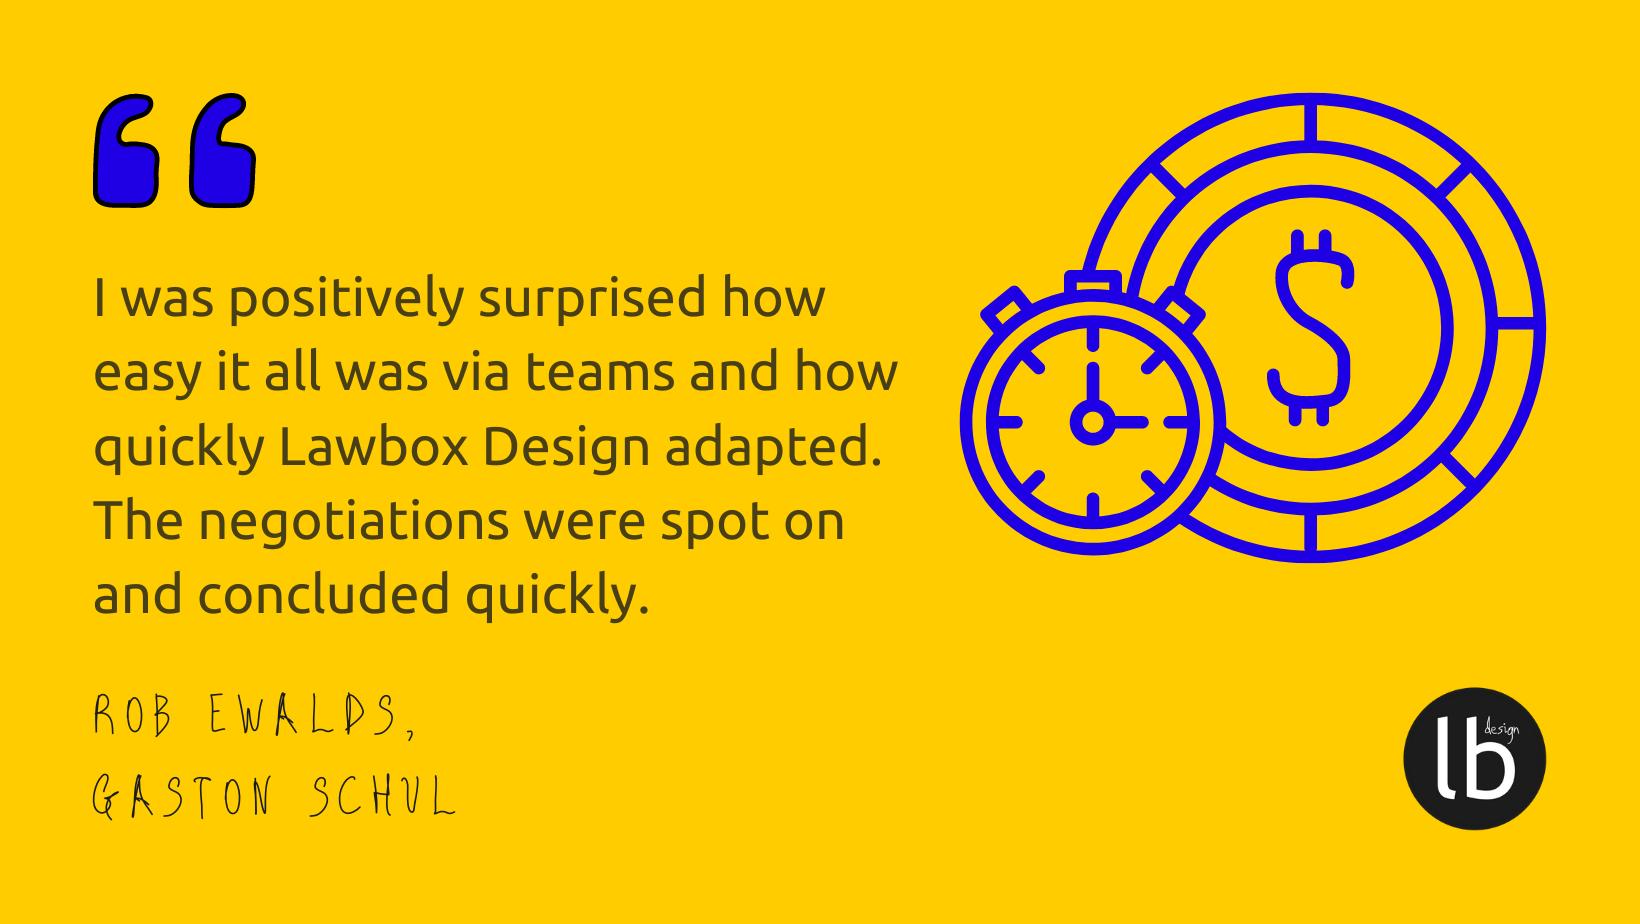 Lawbox Design client quote Gaston Schul